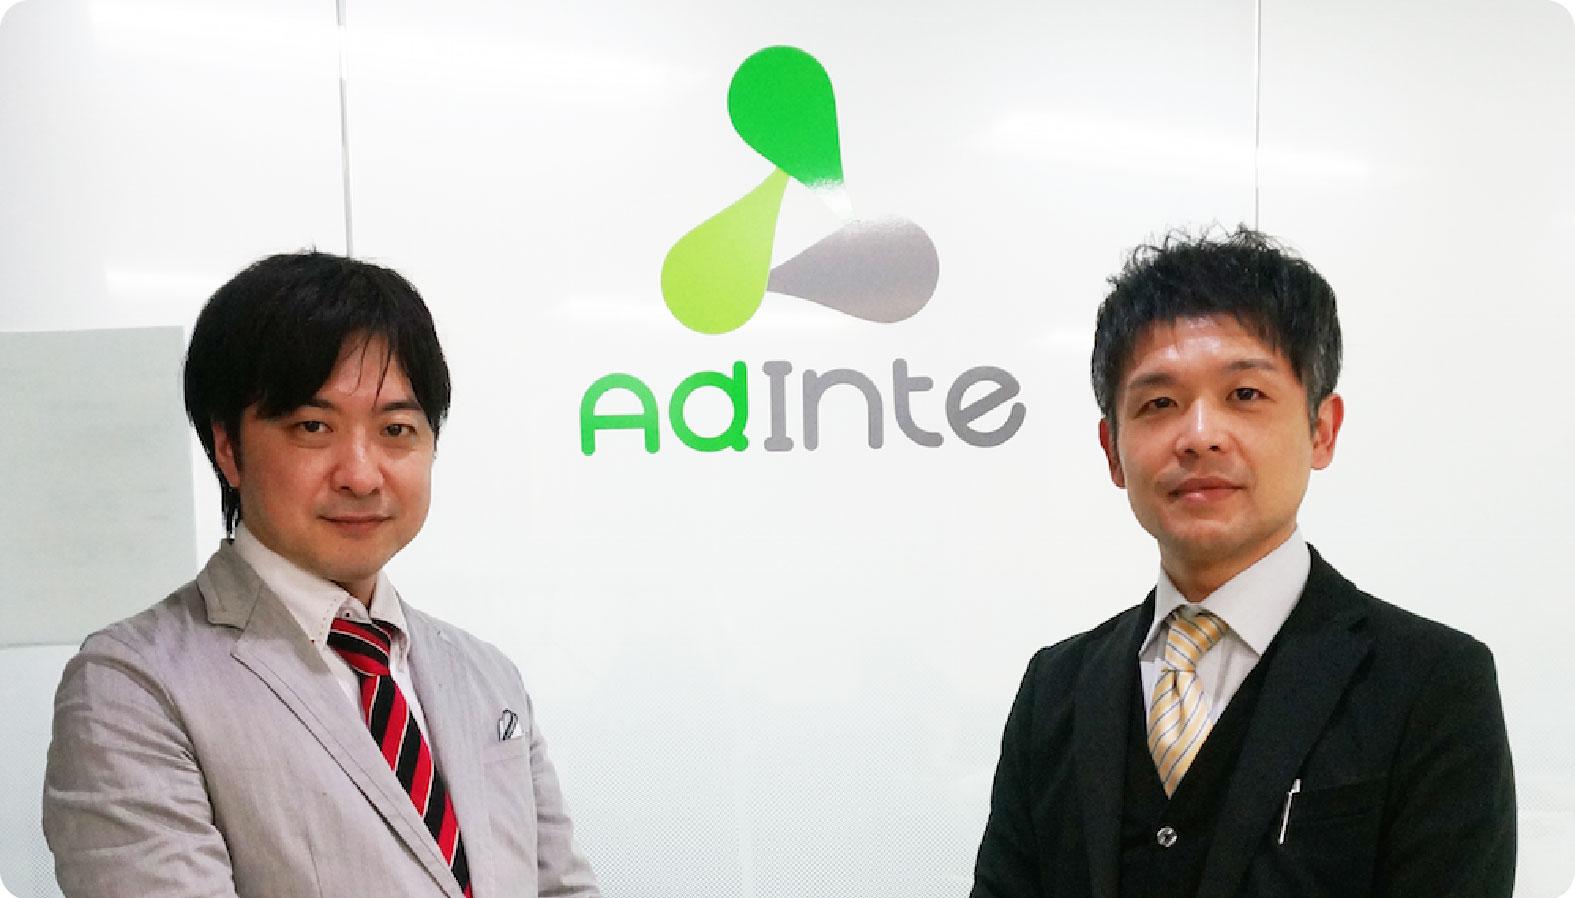 株式会社アドインテ(Adinte)全社請求管理担当川又様 (写真:左)と管理部長桑名様 (写真:右)の写真